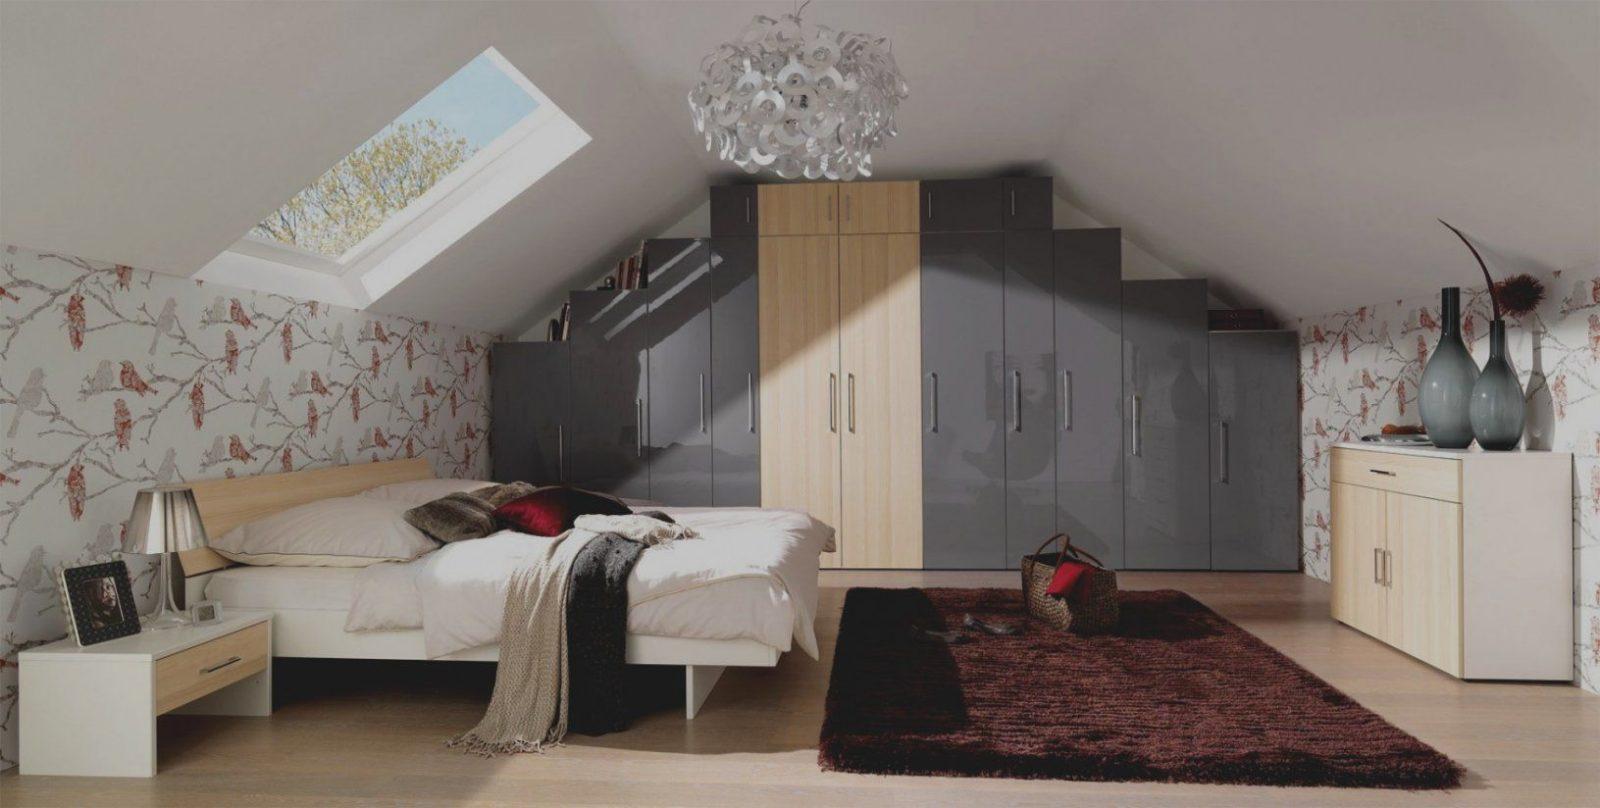 schlafzimmer mit dachschrge ideen, schlafzimmer gestalten mit dachschräge | haus design ideen, Design ideen